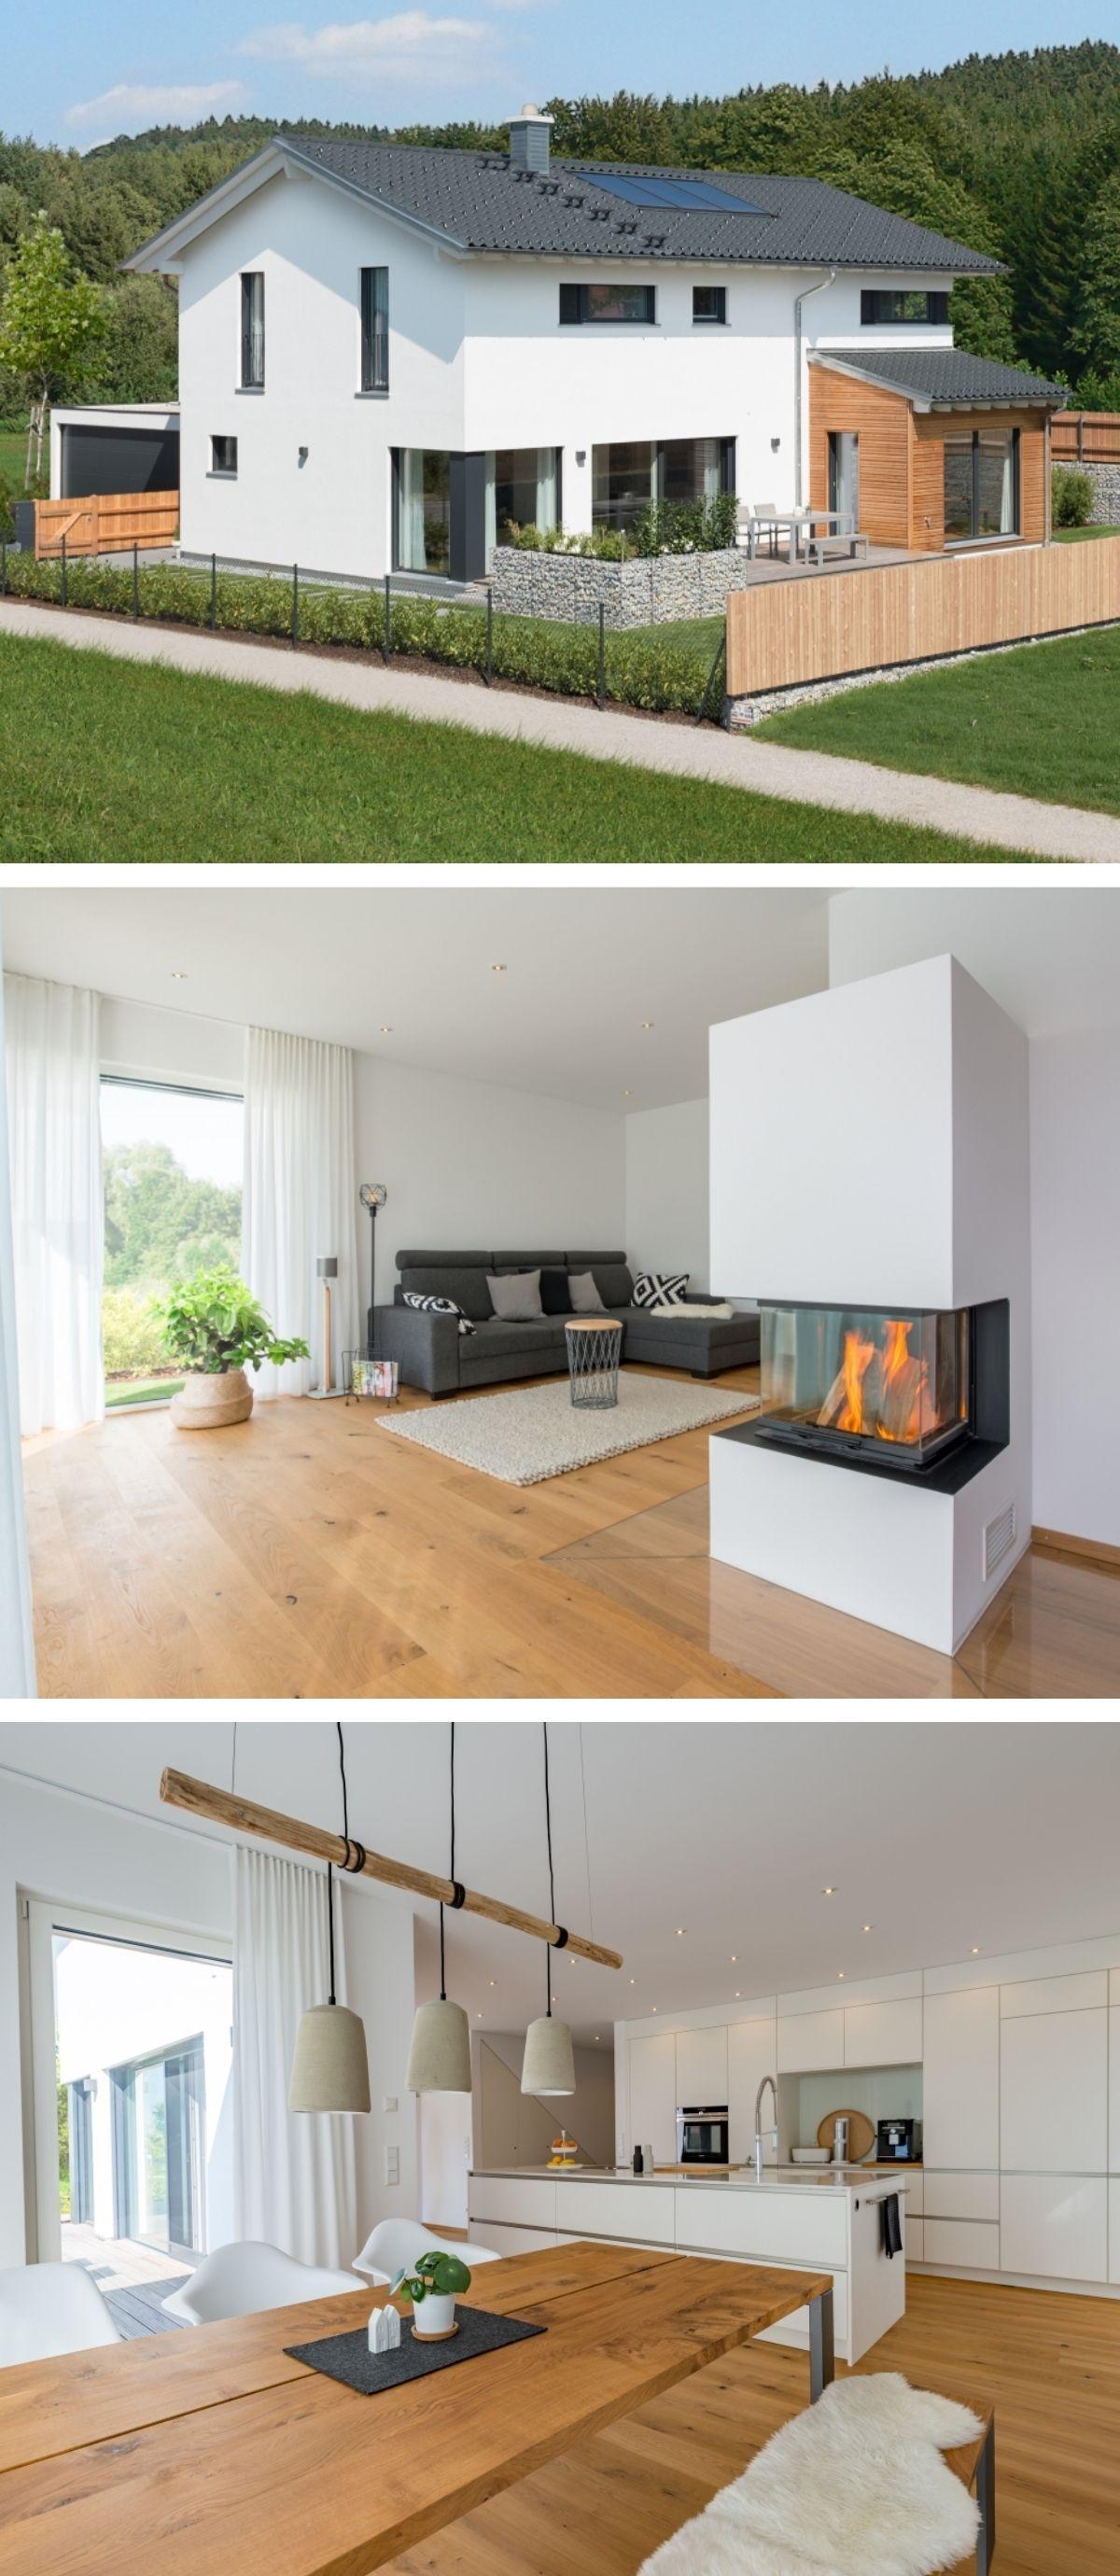 Photo of Einfamilienhaus ÖKOHAUS HERB mit Garage – Baufritz | HausbauDirekt